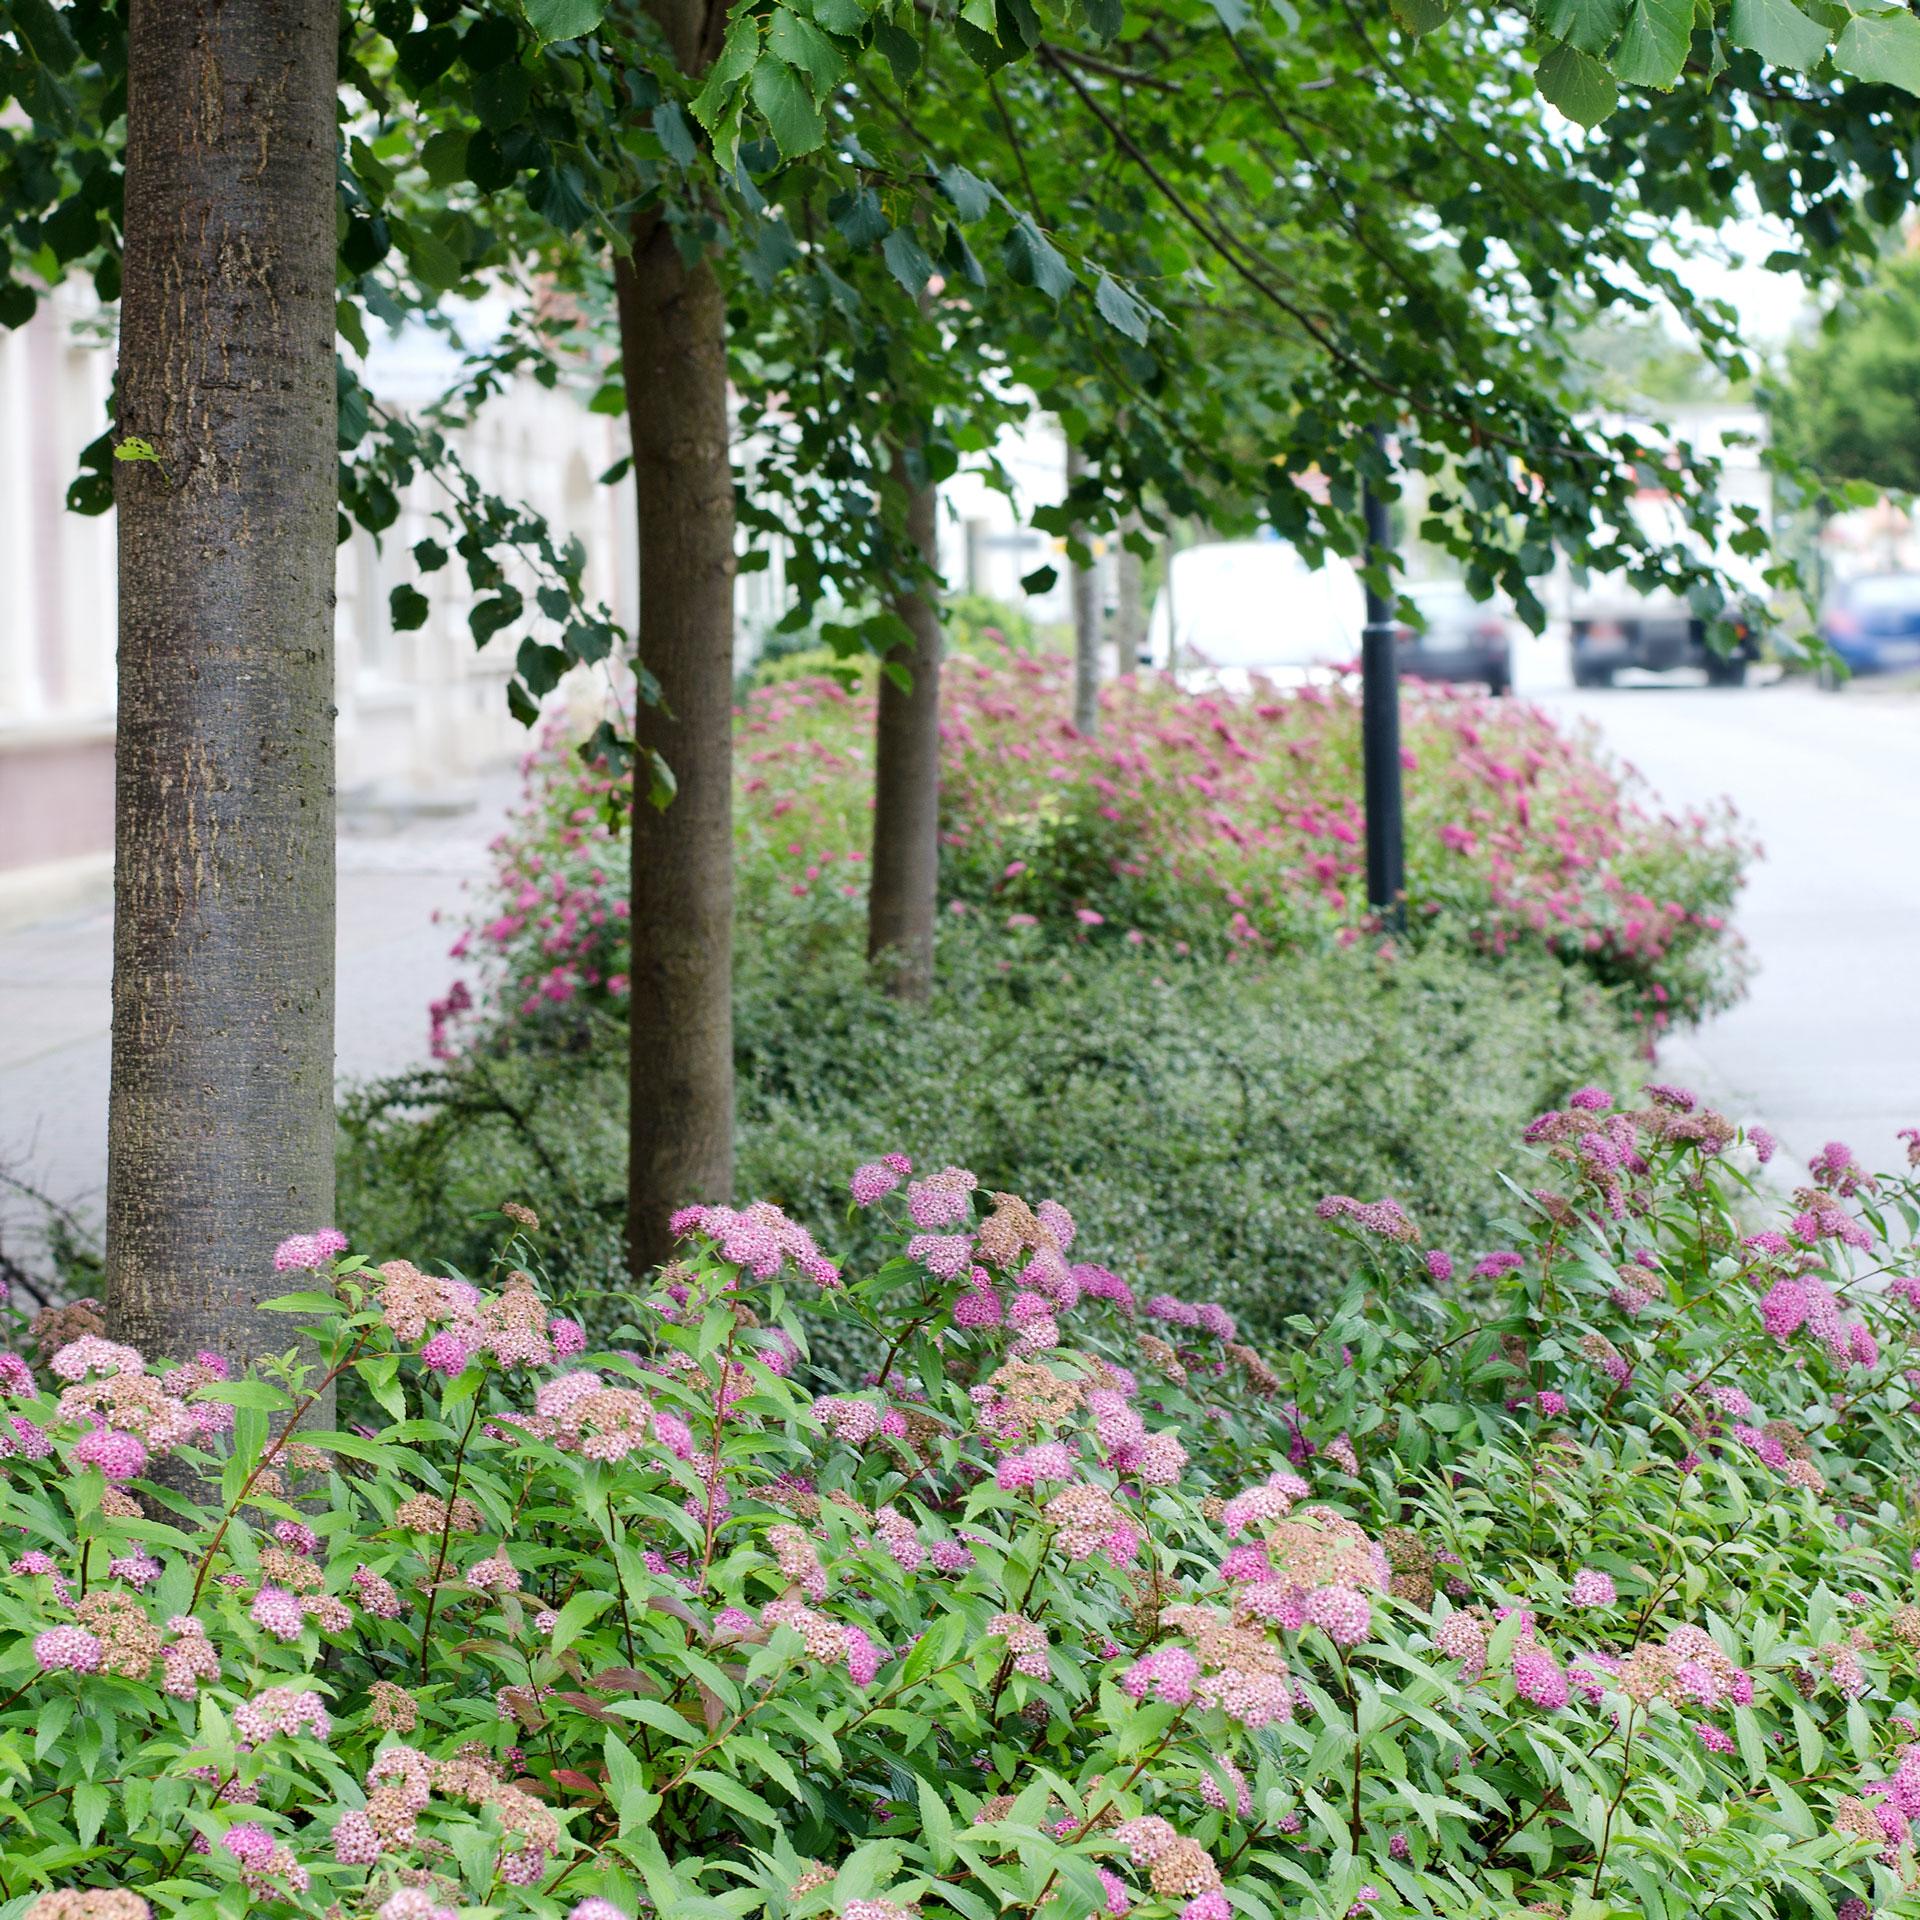 Garten Und Landschaftsbau Ausbildung Voraussetzungen: Wulf Garten- Und Landschaftsbau